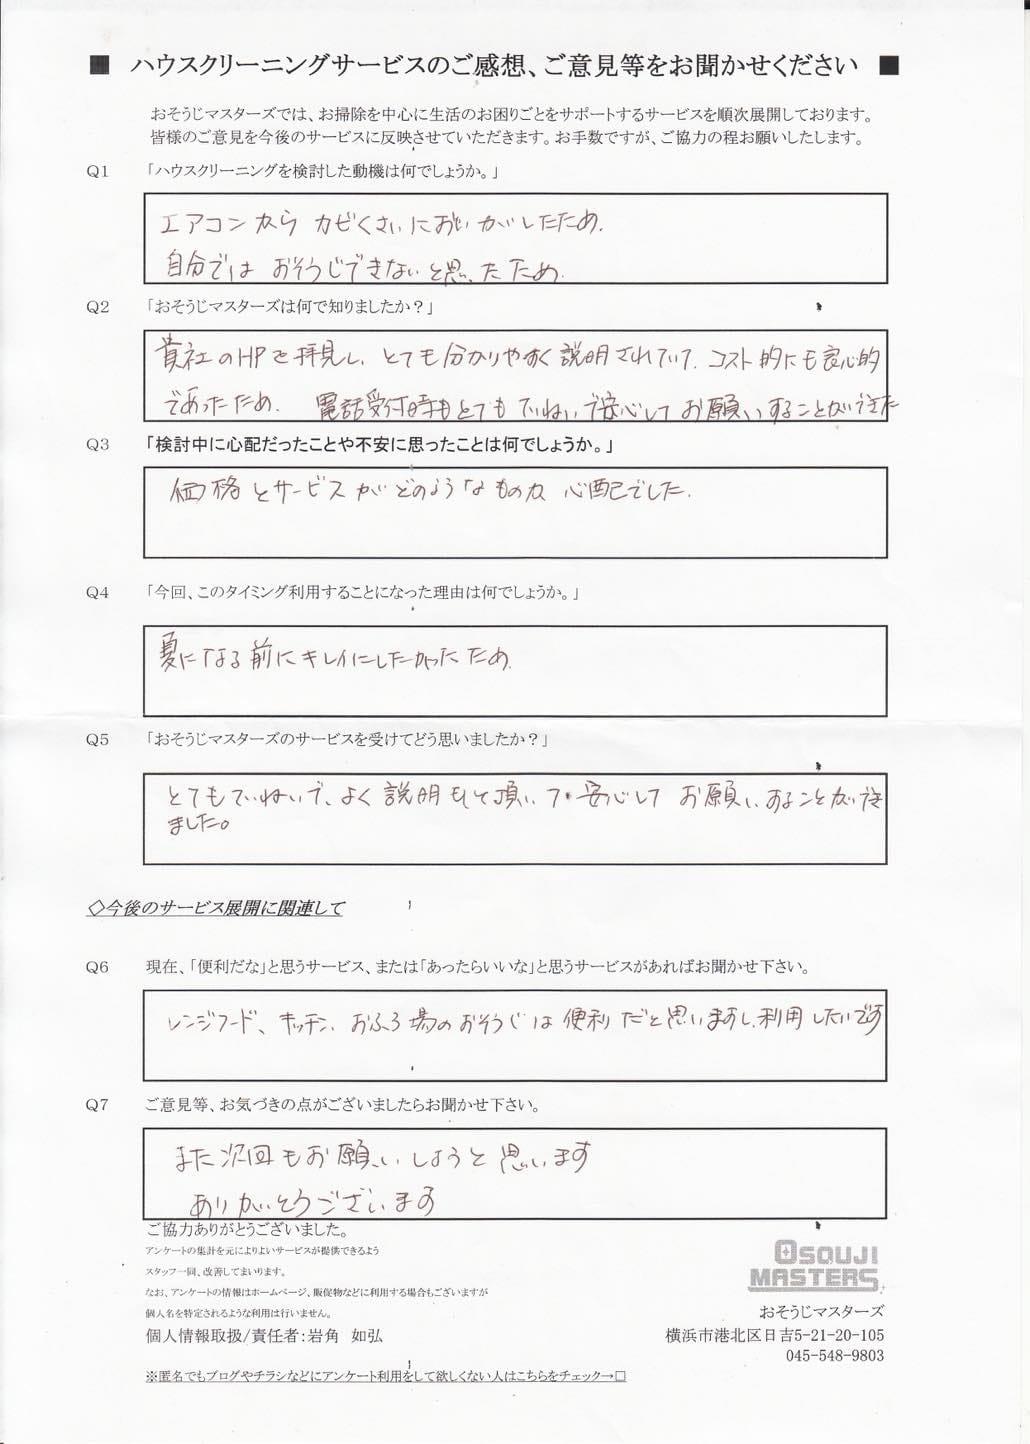 2015/07/11 エアコンクリーニング 【横浜市戸塚区】